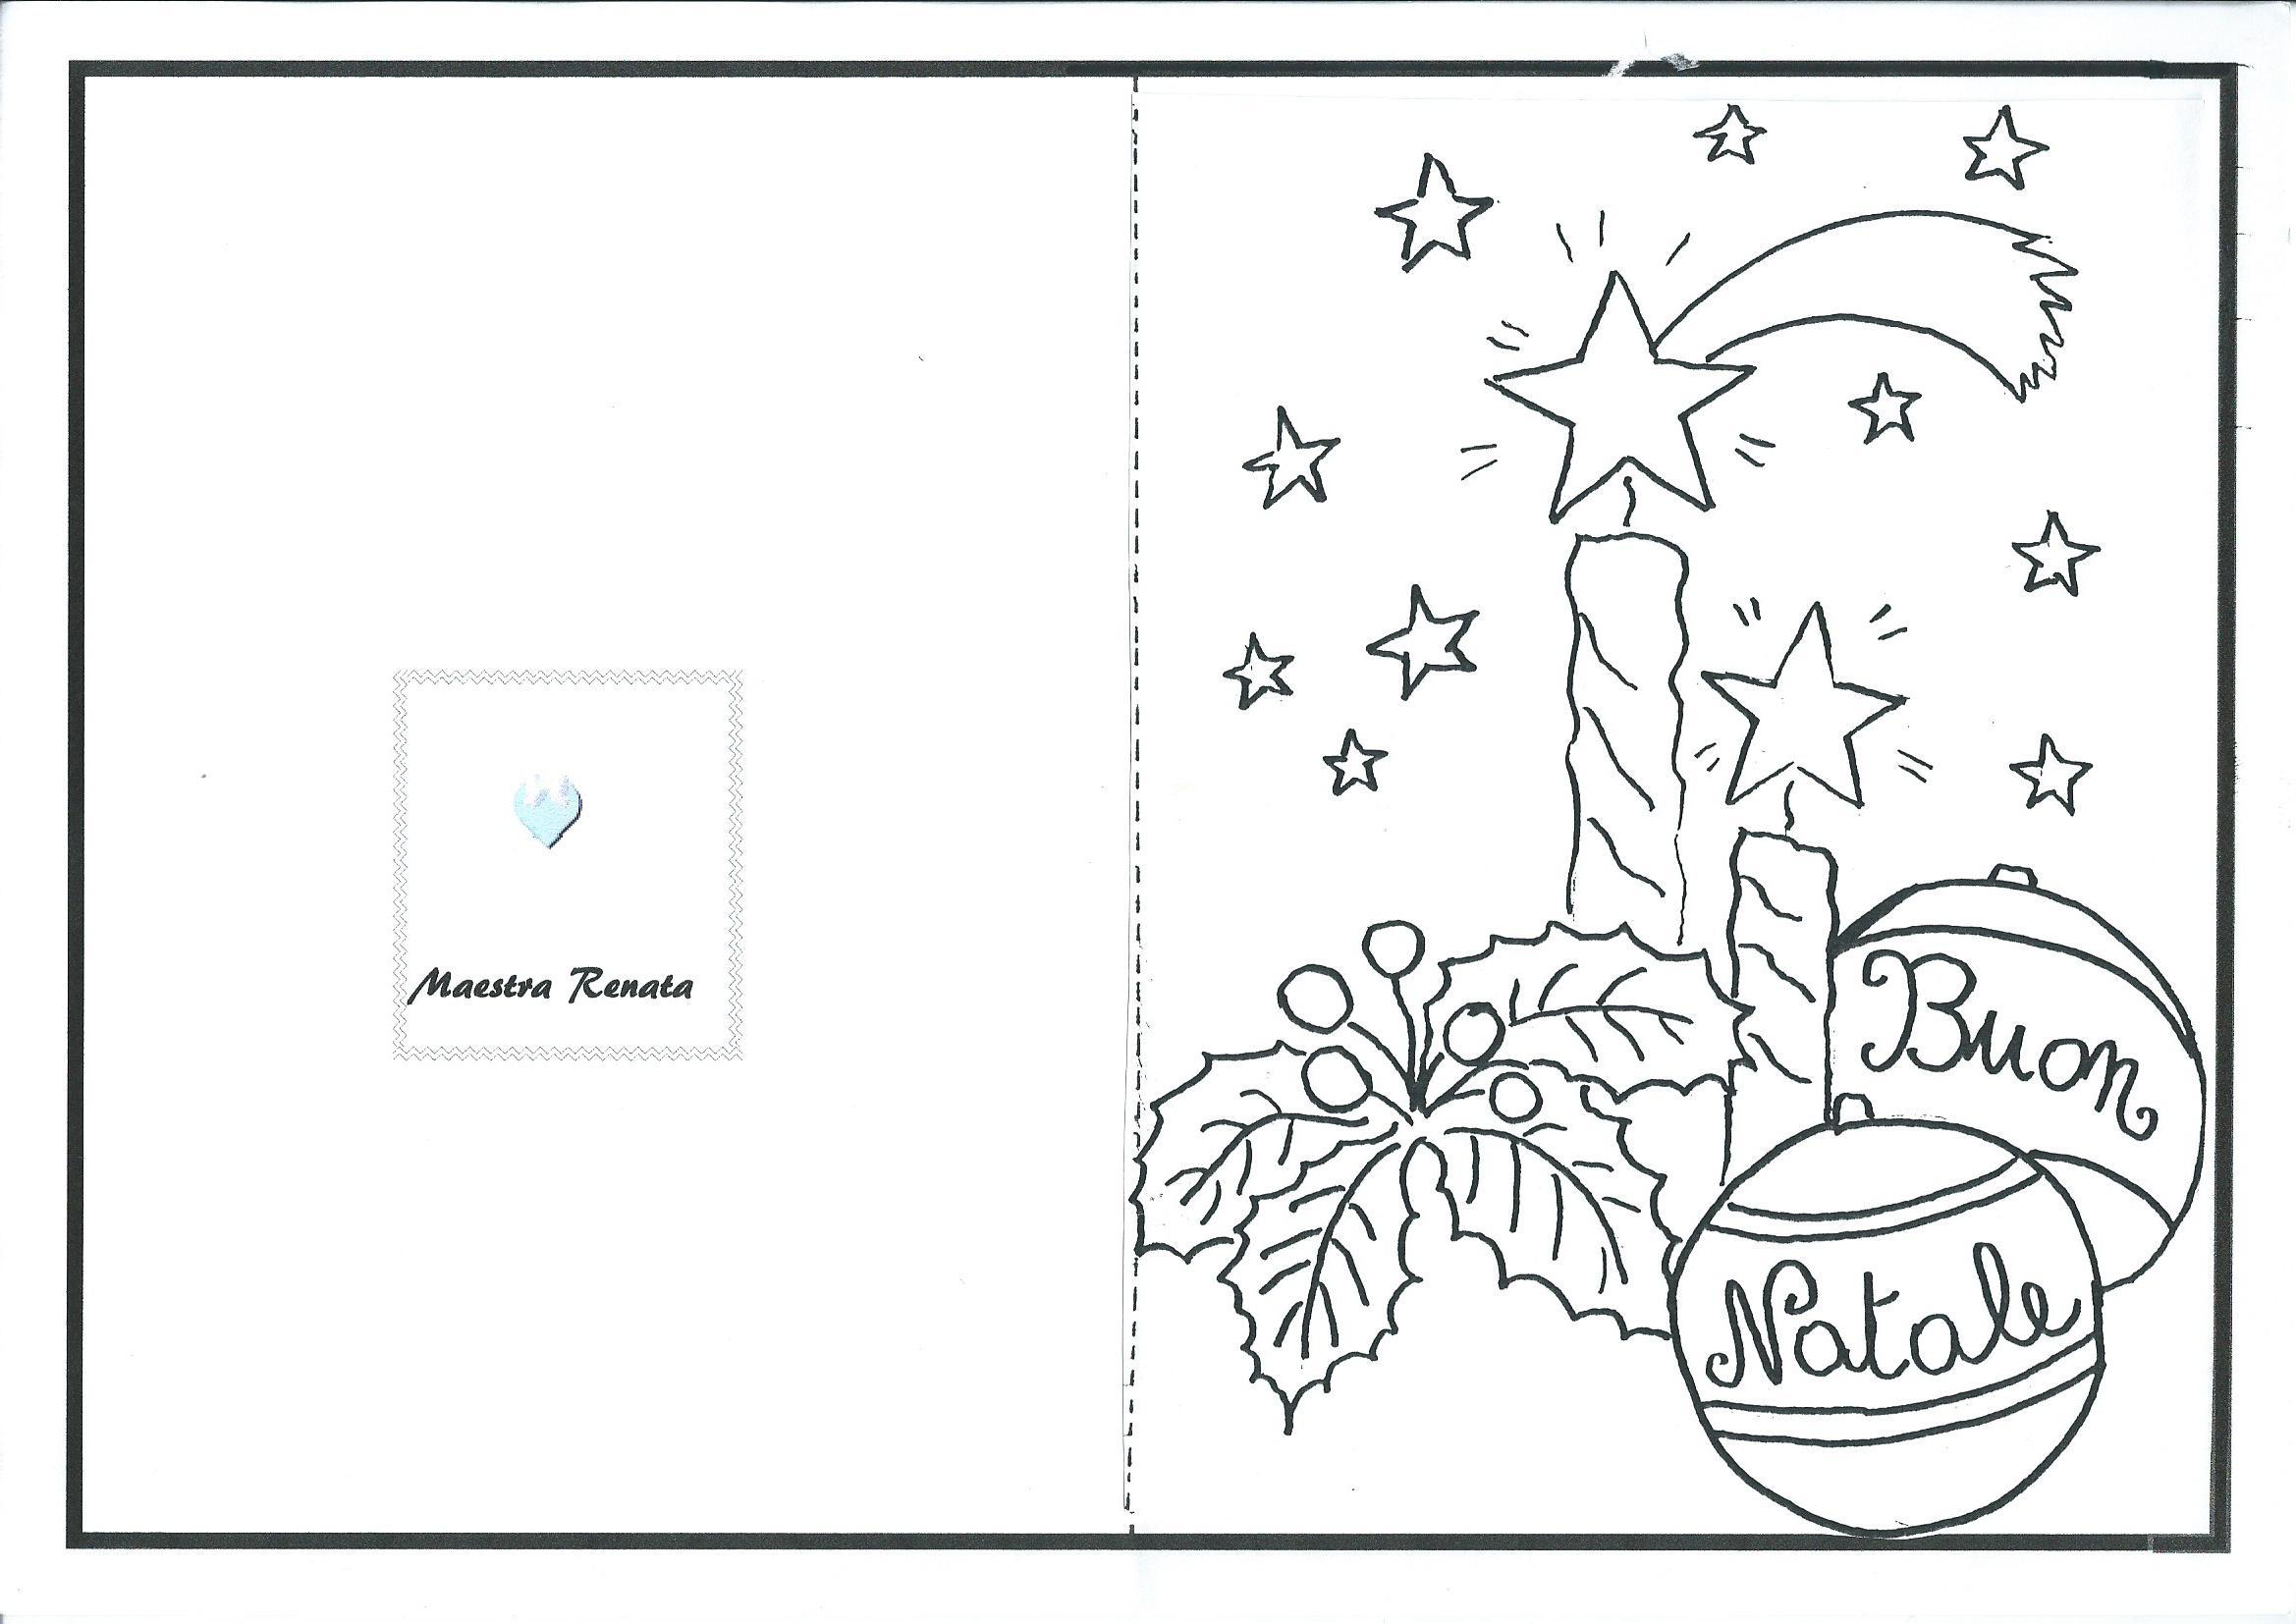 Disegni Di Natale Maestra Mary.Cartoncino Di Natale Maestra Mary Disegni Di Natale 2019